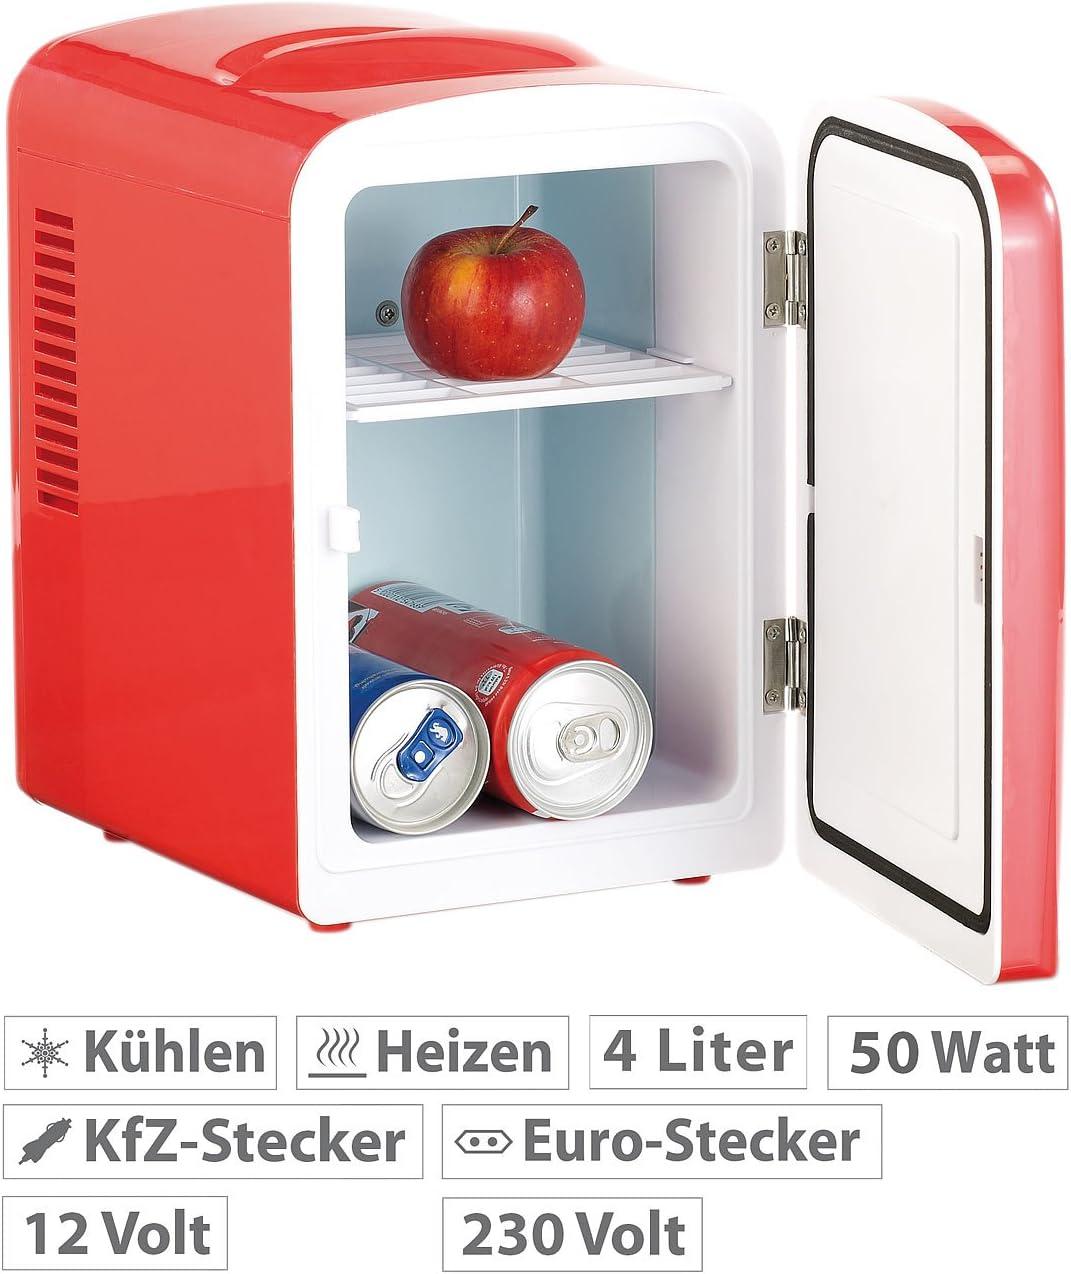 Rosenstein Söhne Mini Dosen Kühlschrank Mini Kühlschrank Mit Warmhalte Funktion 4 Liter Für 12 230 Volt Rot Kleiner Kühlschrank Küche Haushalt